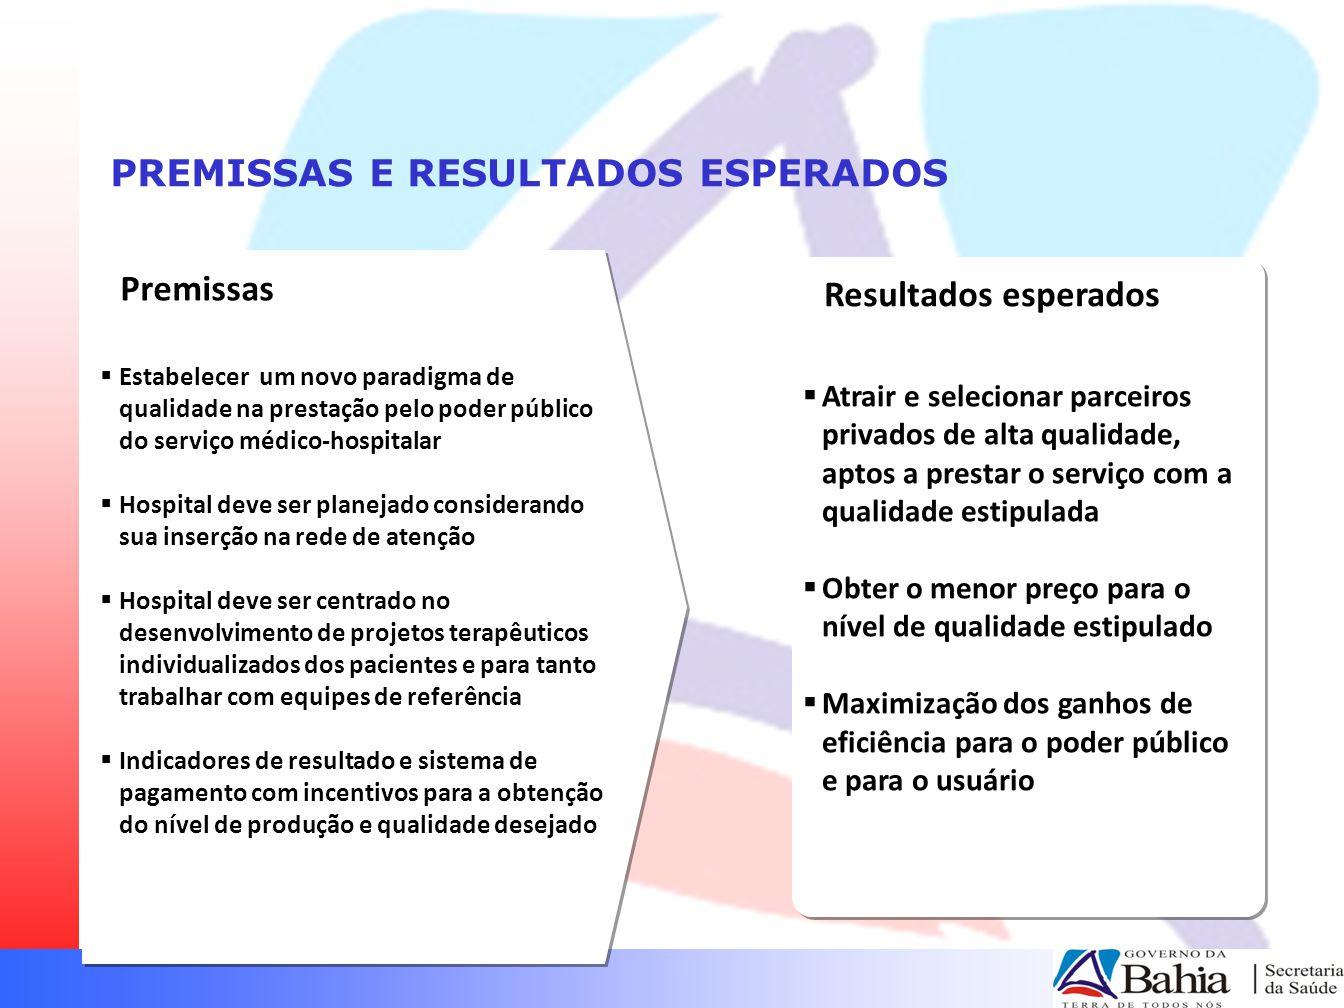 PREMISSAS E RESULTADOS ESPERADOS